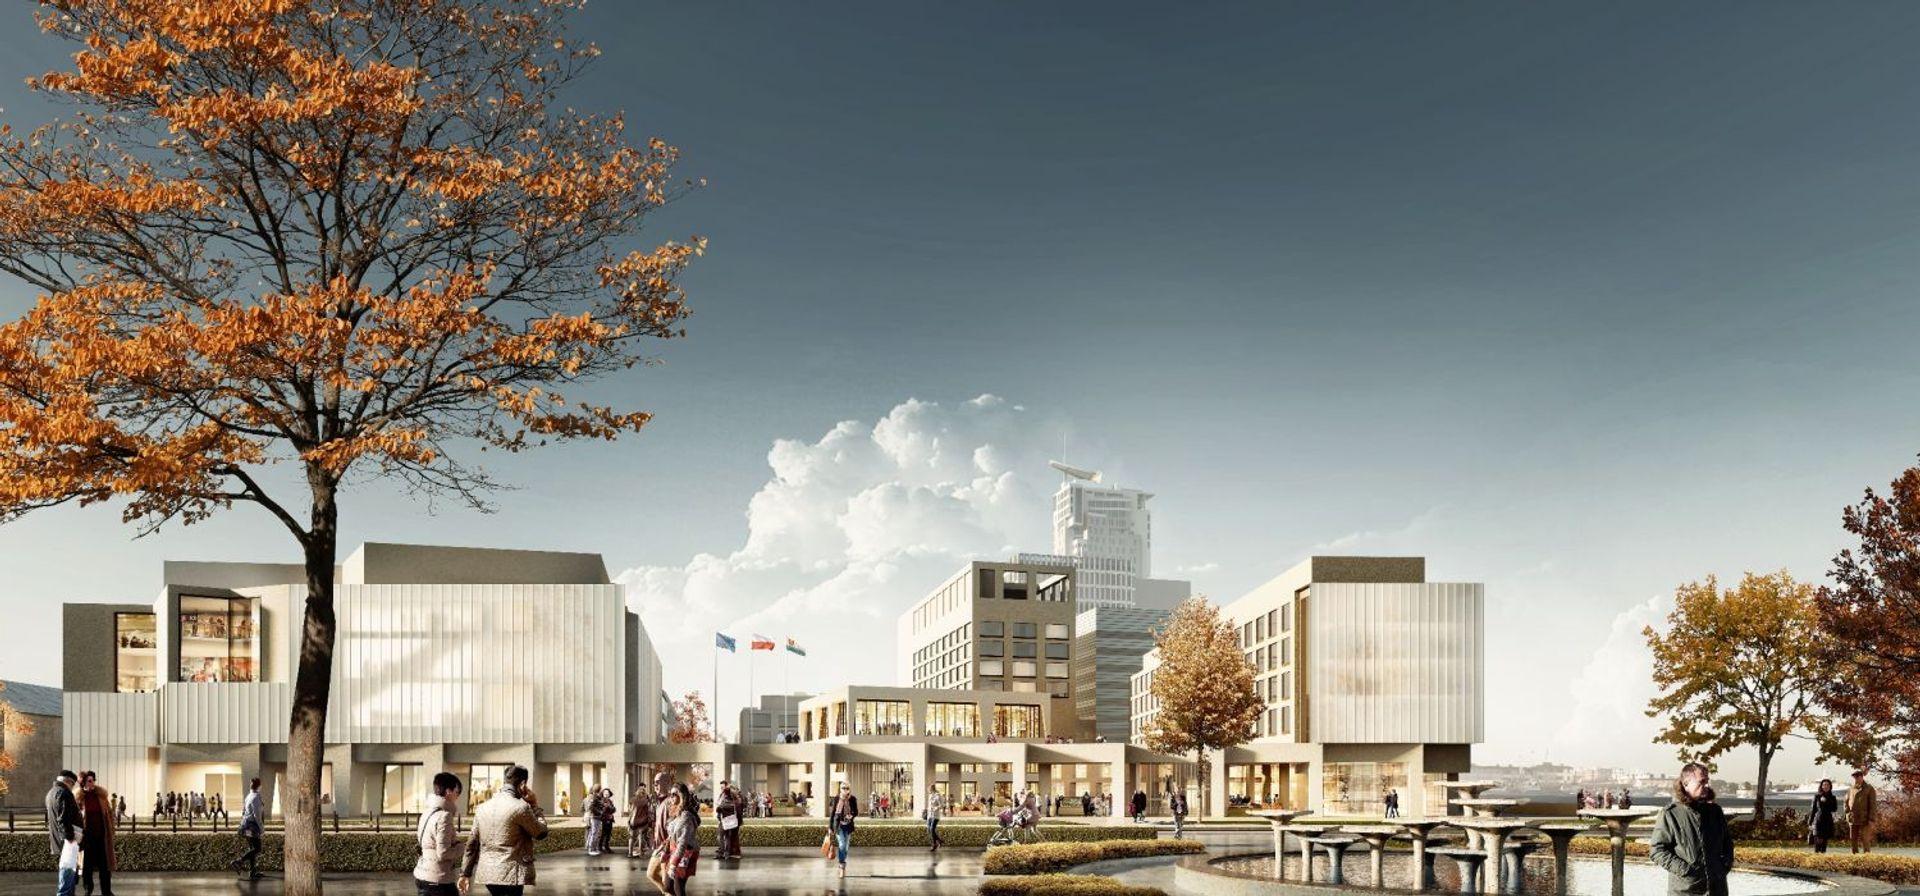 [Gdynia] Konkurs na koncepcję nowego etapu Gdynia Waterfront rozstrzygnięty